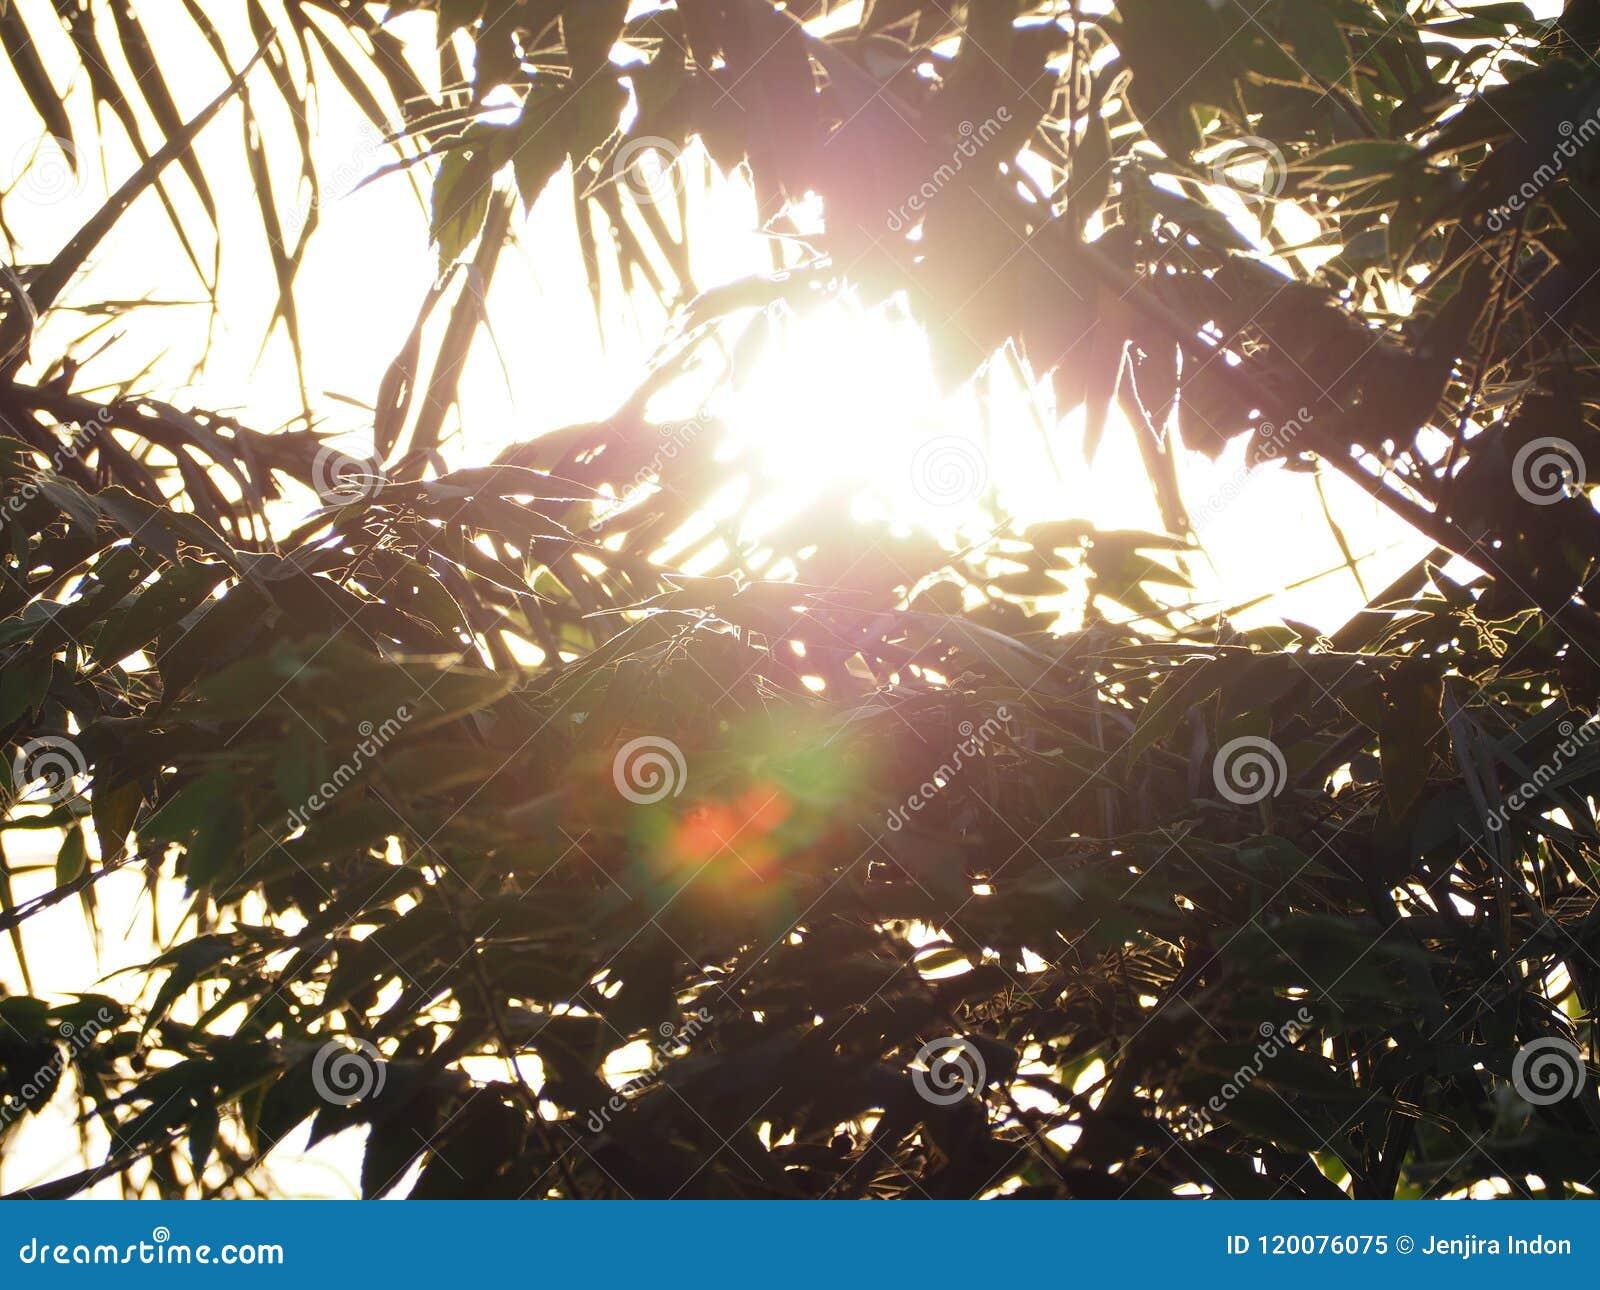 Beautiful of light of sunshine